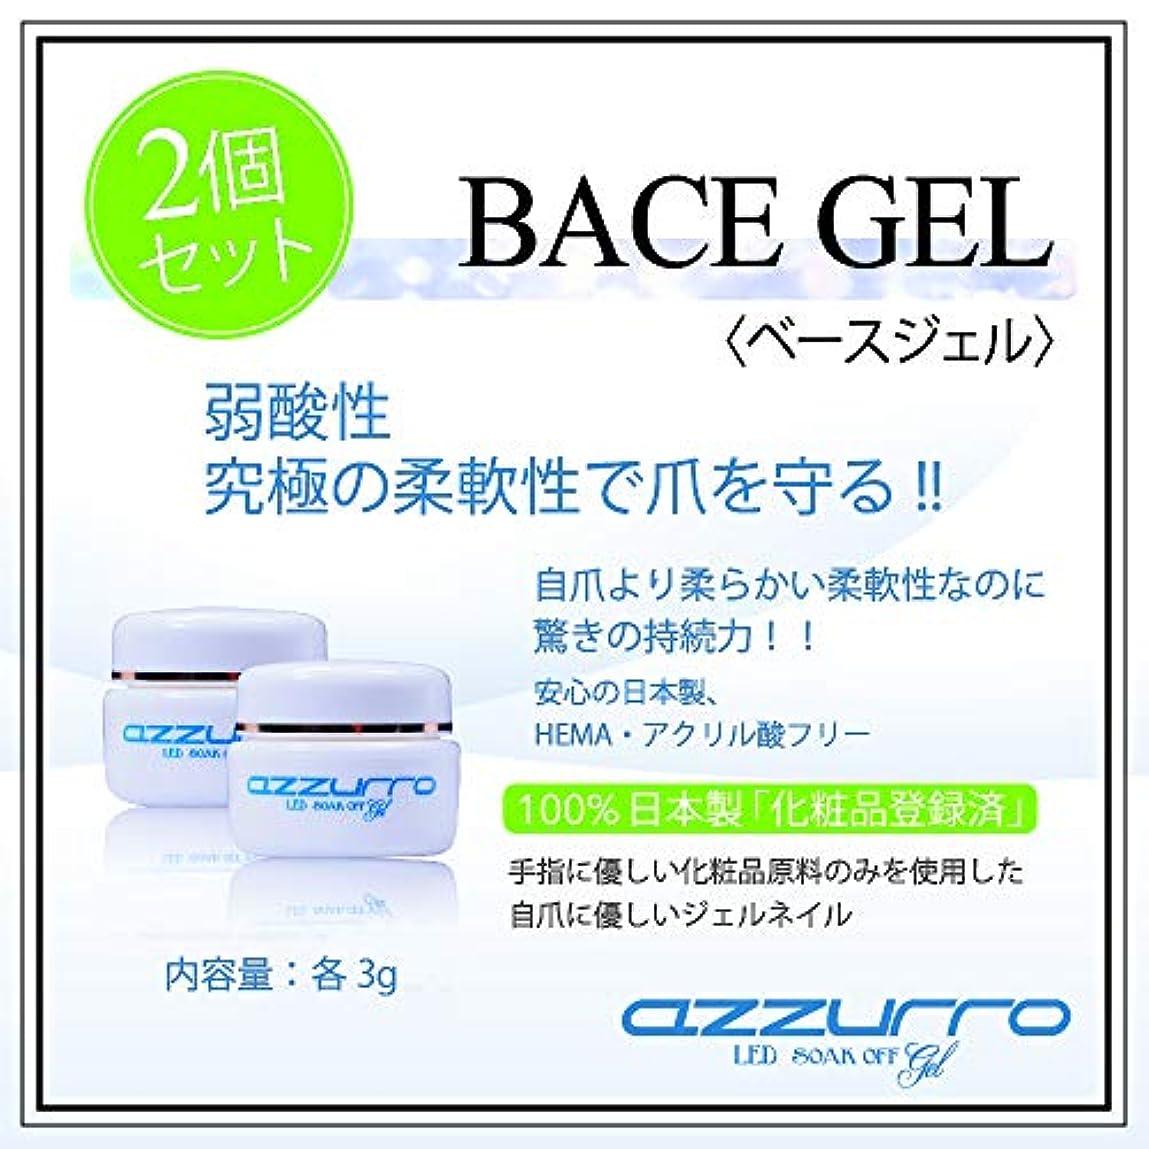 消費者原子まともなazzurro gel アッズーロベースジェル お得な2個セット 爪に優しい 日本製 驚きの密着力 リムーバーでオフも簡単3g